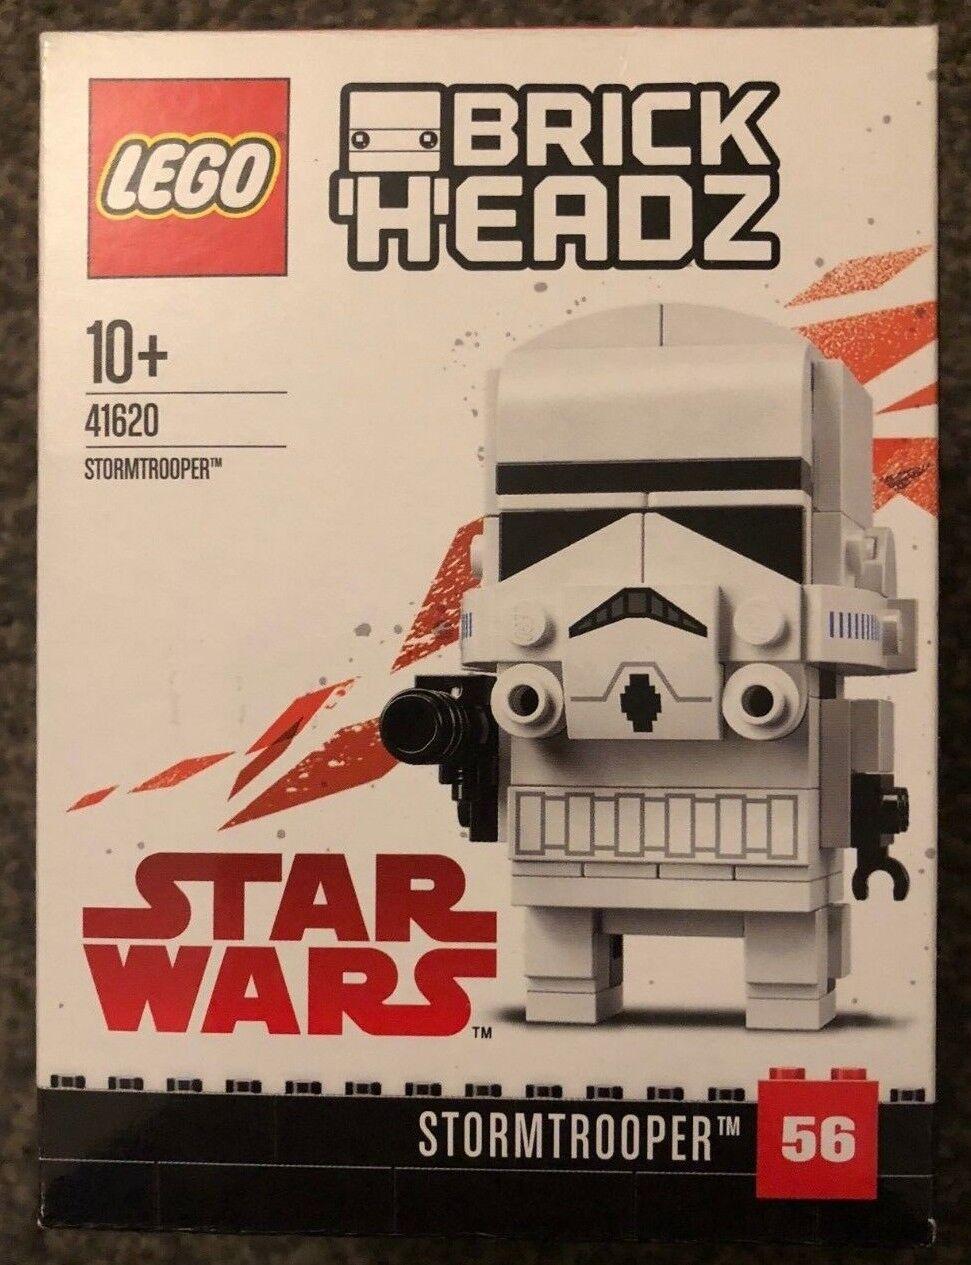 Lego 41620 brickheadz #56 Stormtrooper Star Wars Figure | Une Grande Variété De Modèles